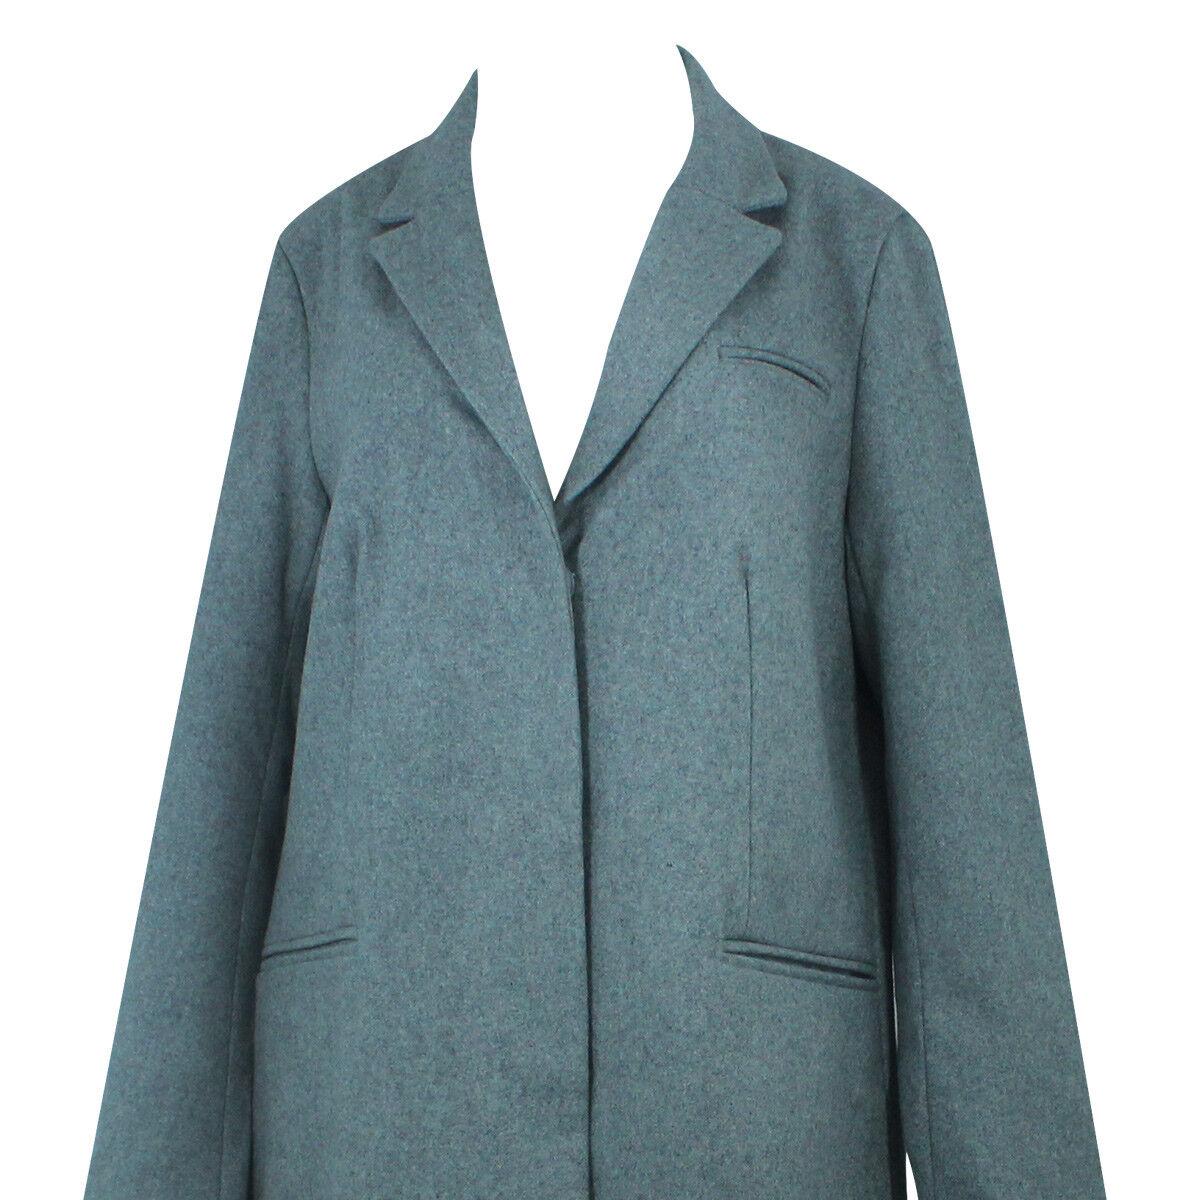 Manteau d hiver pour femmes, manteau long en laine mélangée gris, de grande taille, gris